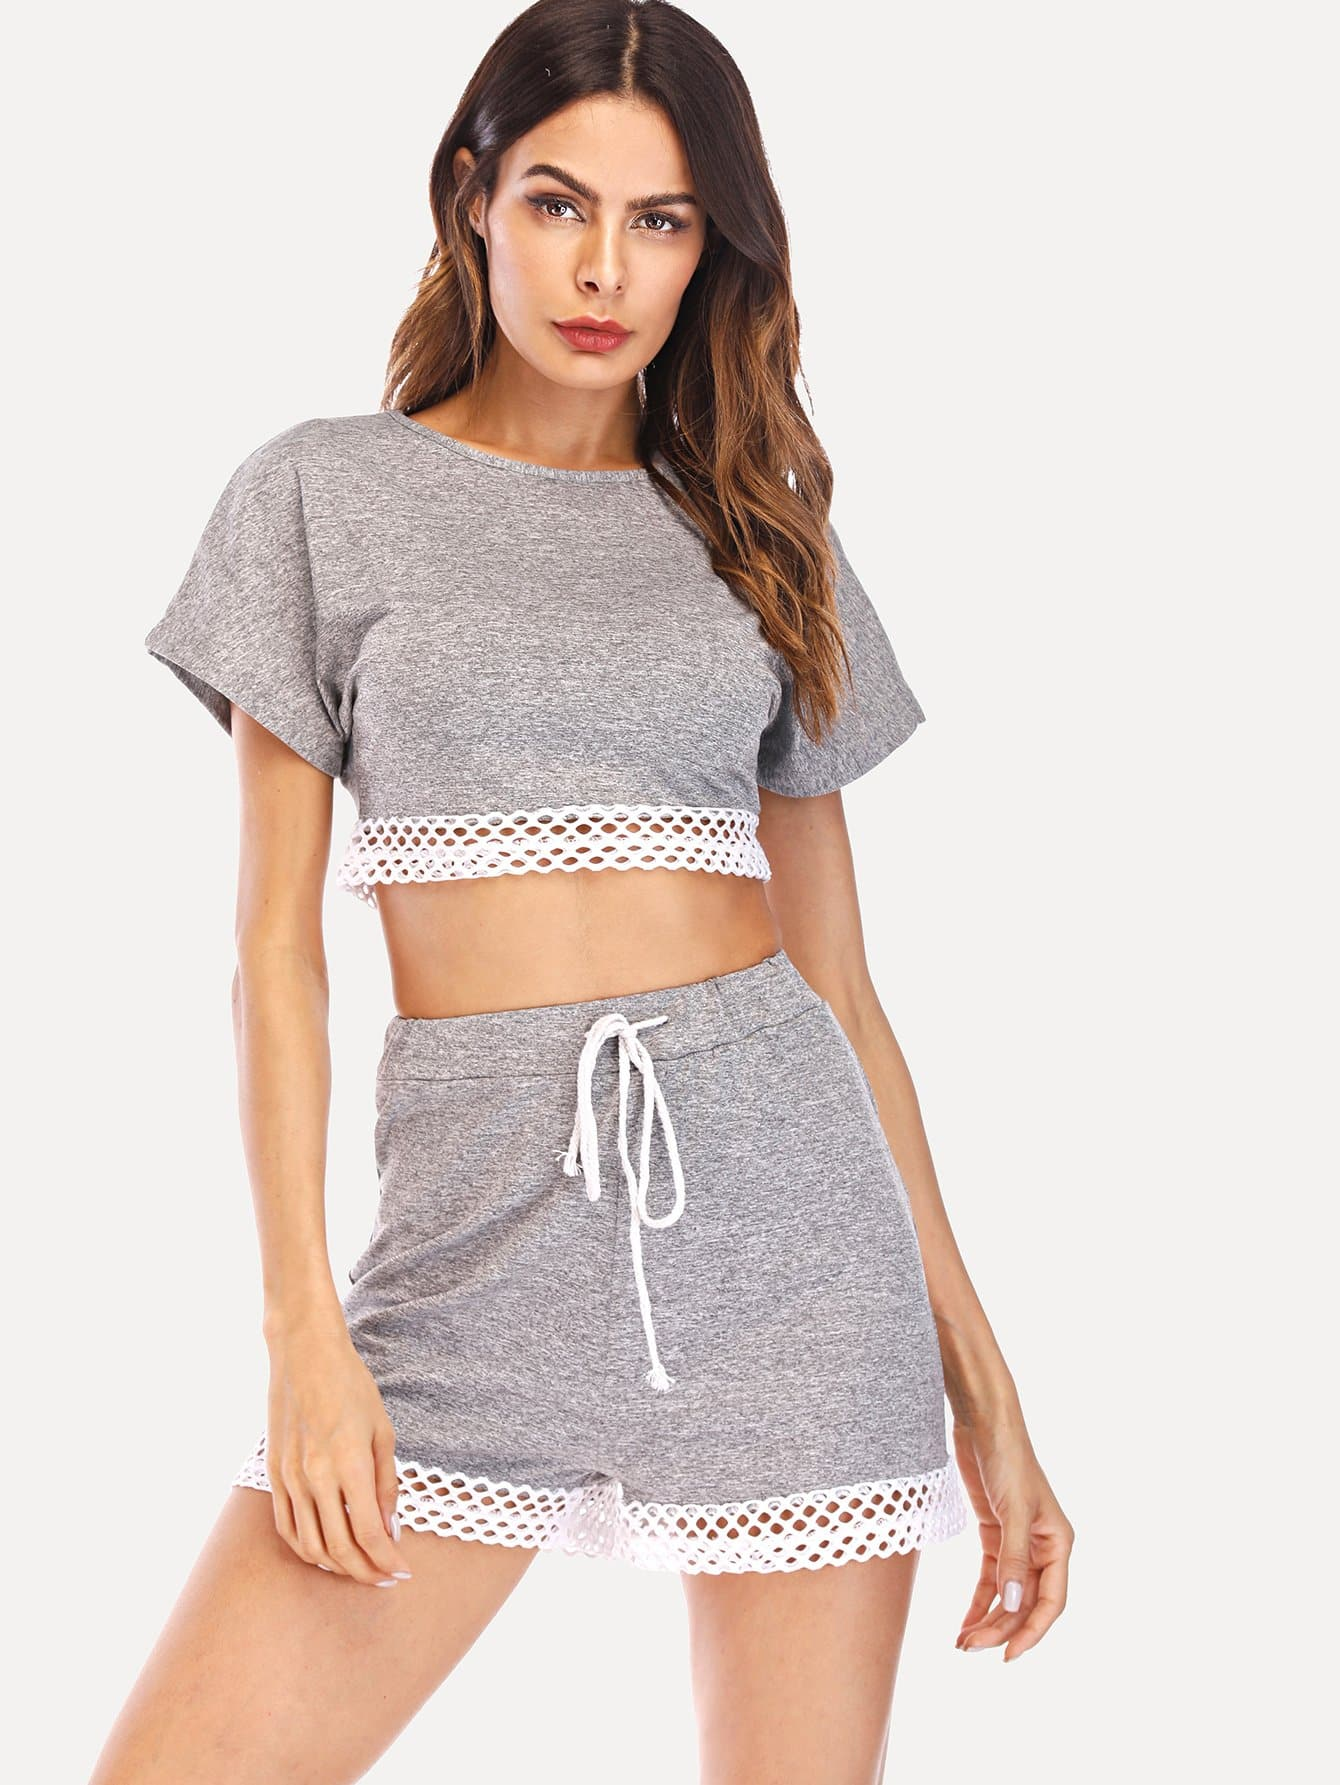 Eyelet Crop Top & Drawstring Waist Shorts PJ Set black choker sleeveless crop top